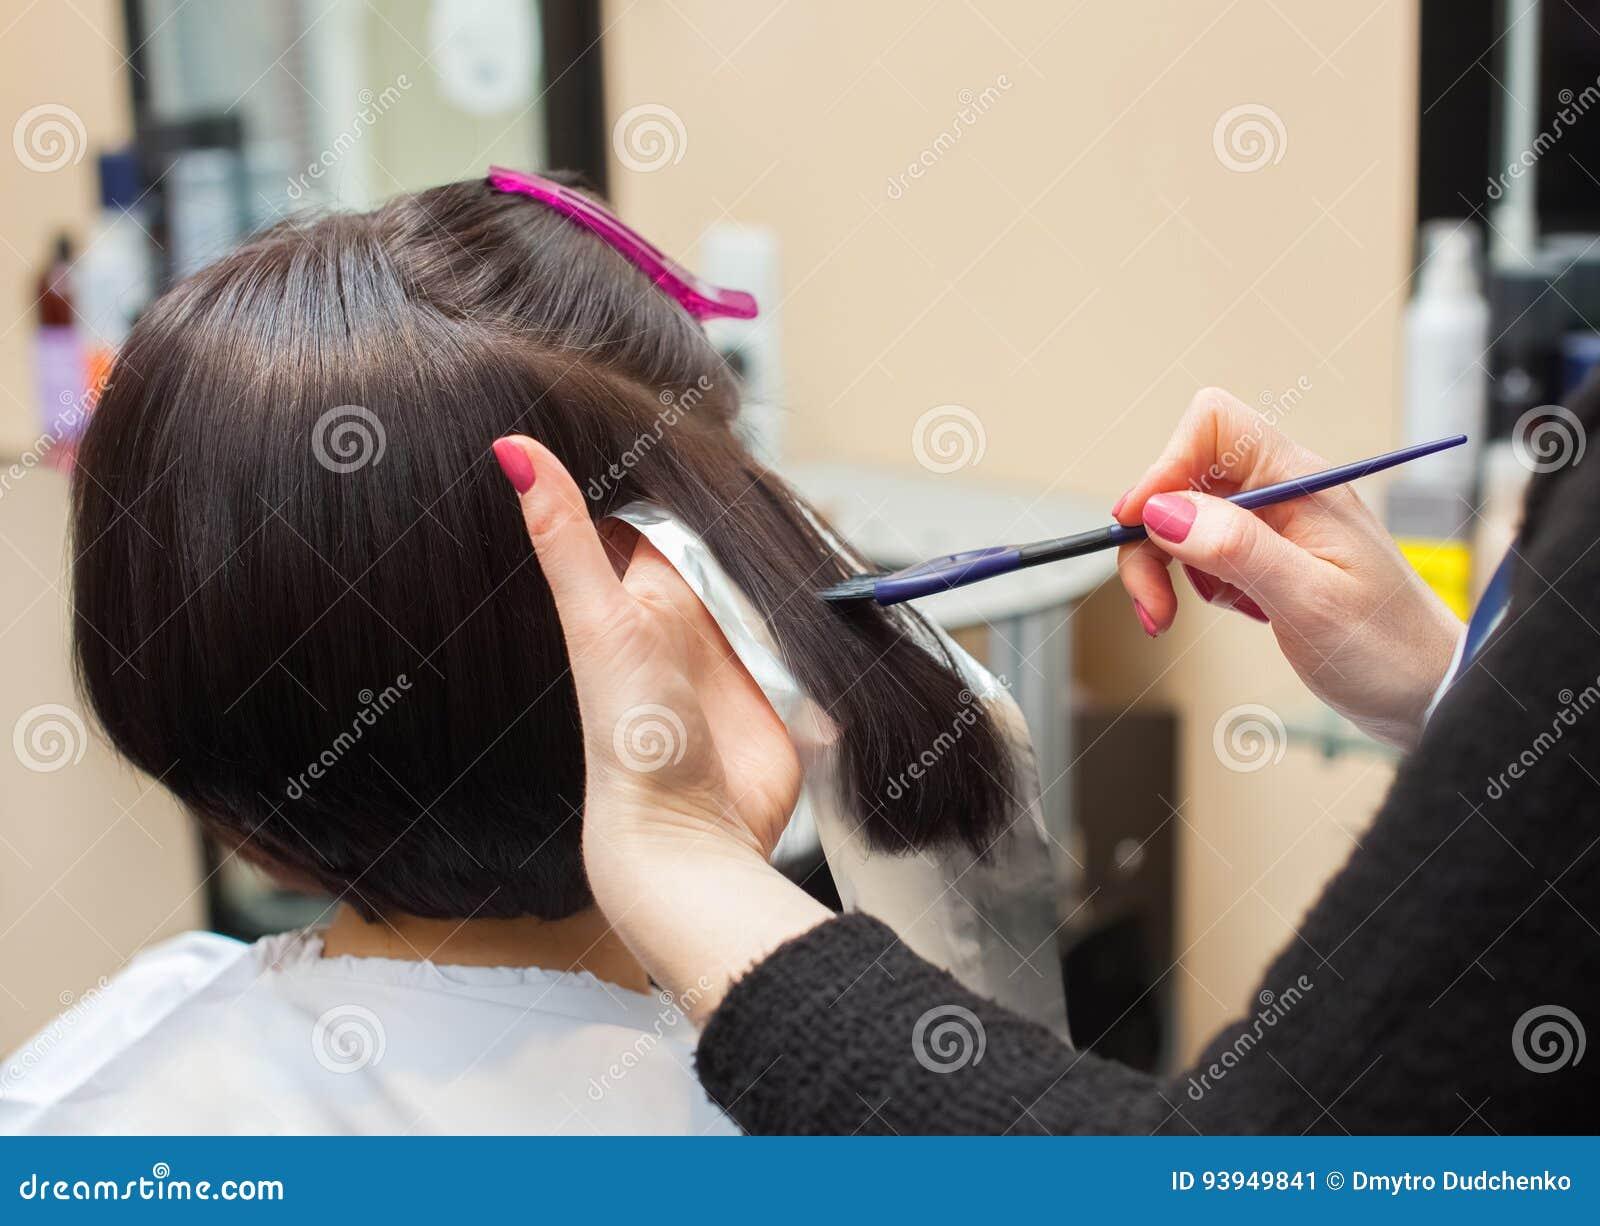 Der Friseur Malt Das Frau ` S Haar In Einer Dunklen Farbe ...